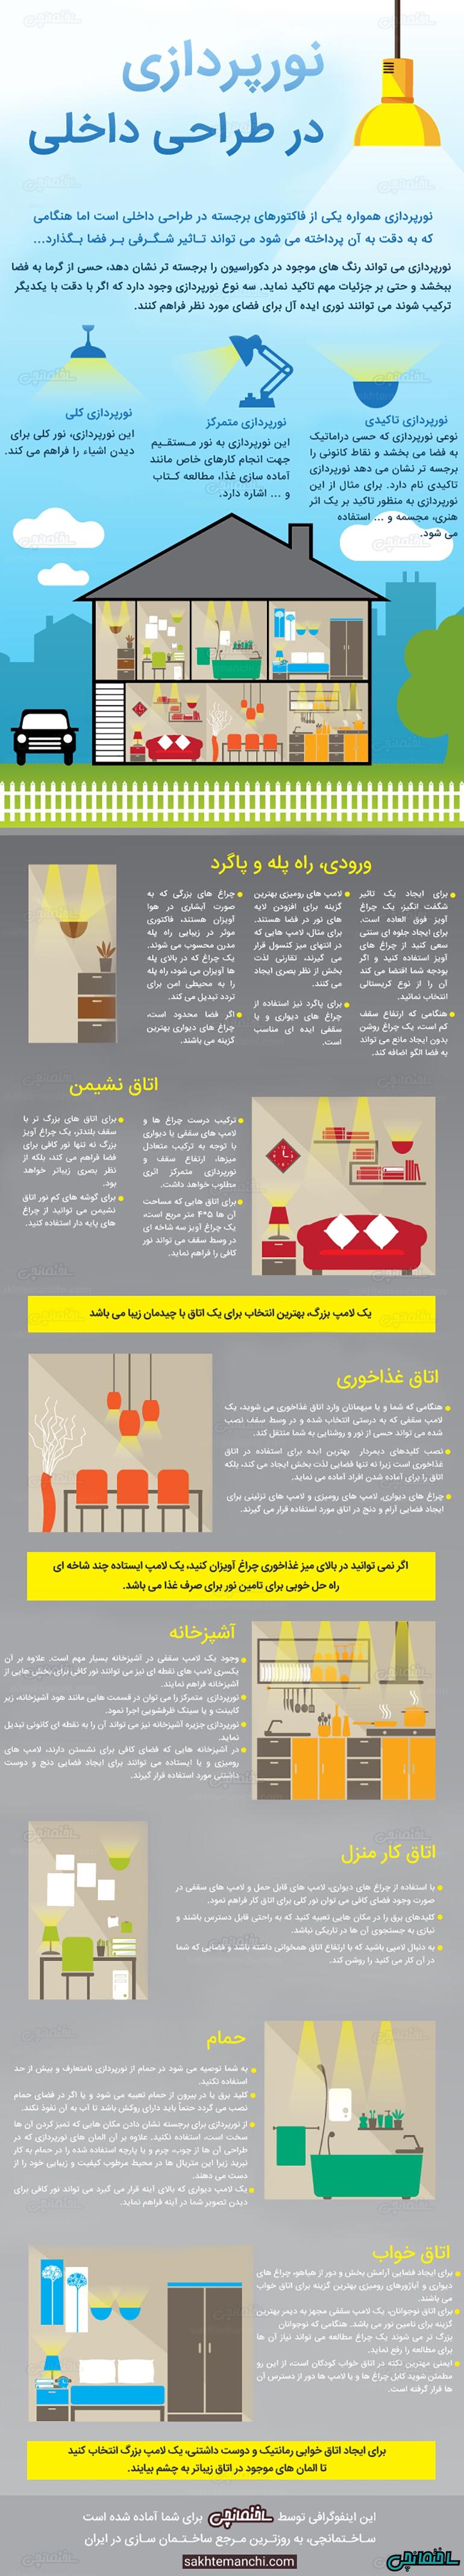 اینفوگرافی نورپردازی در طراحی داخلی